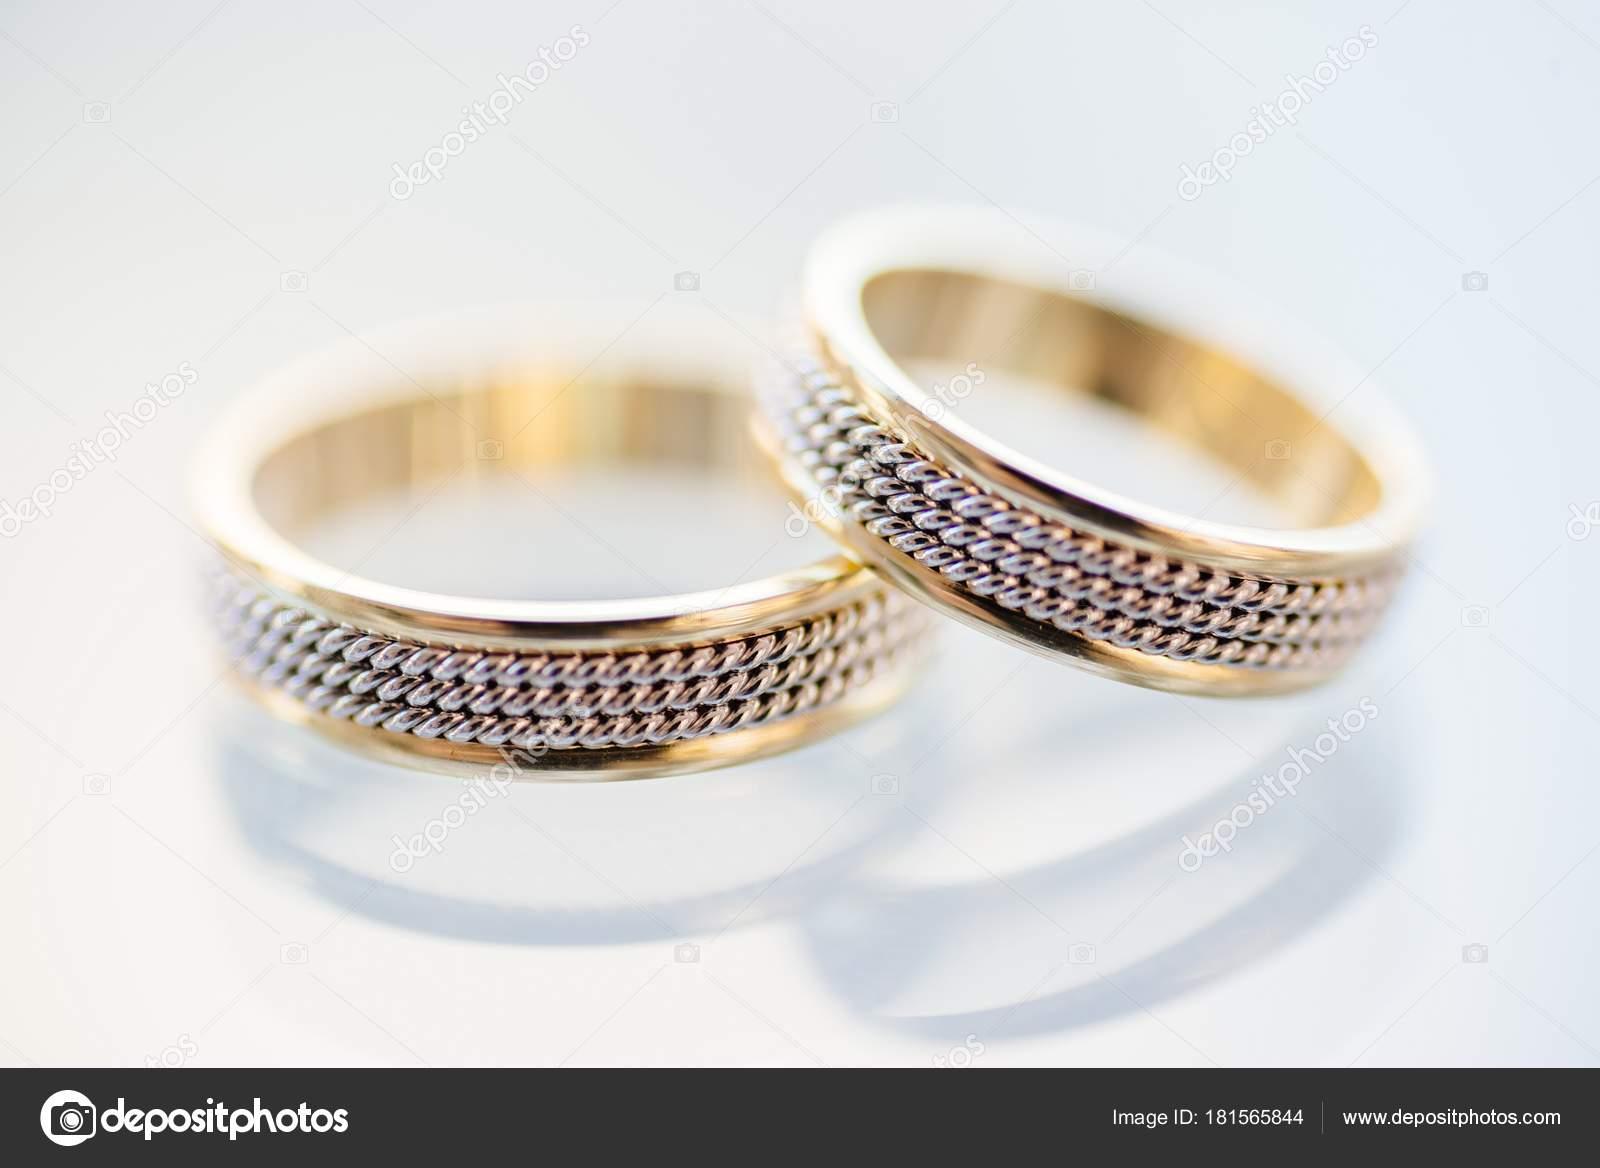 Золоті та срібні обручки — Стокове фото — білий © djedzura  181565844 efe215ab79a18